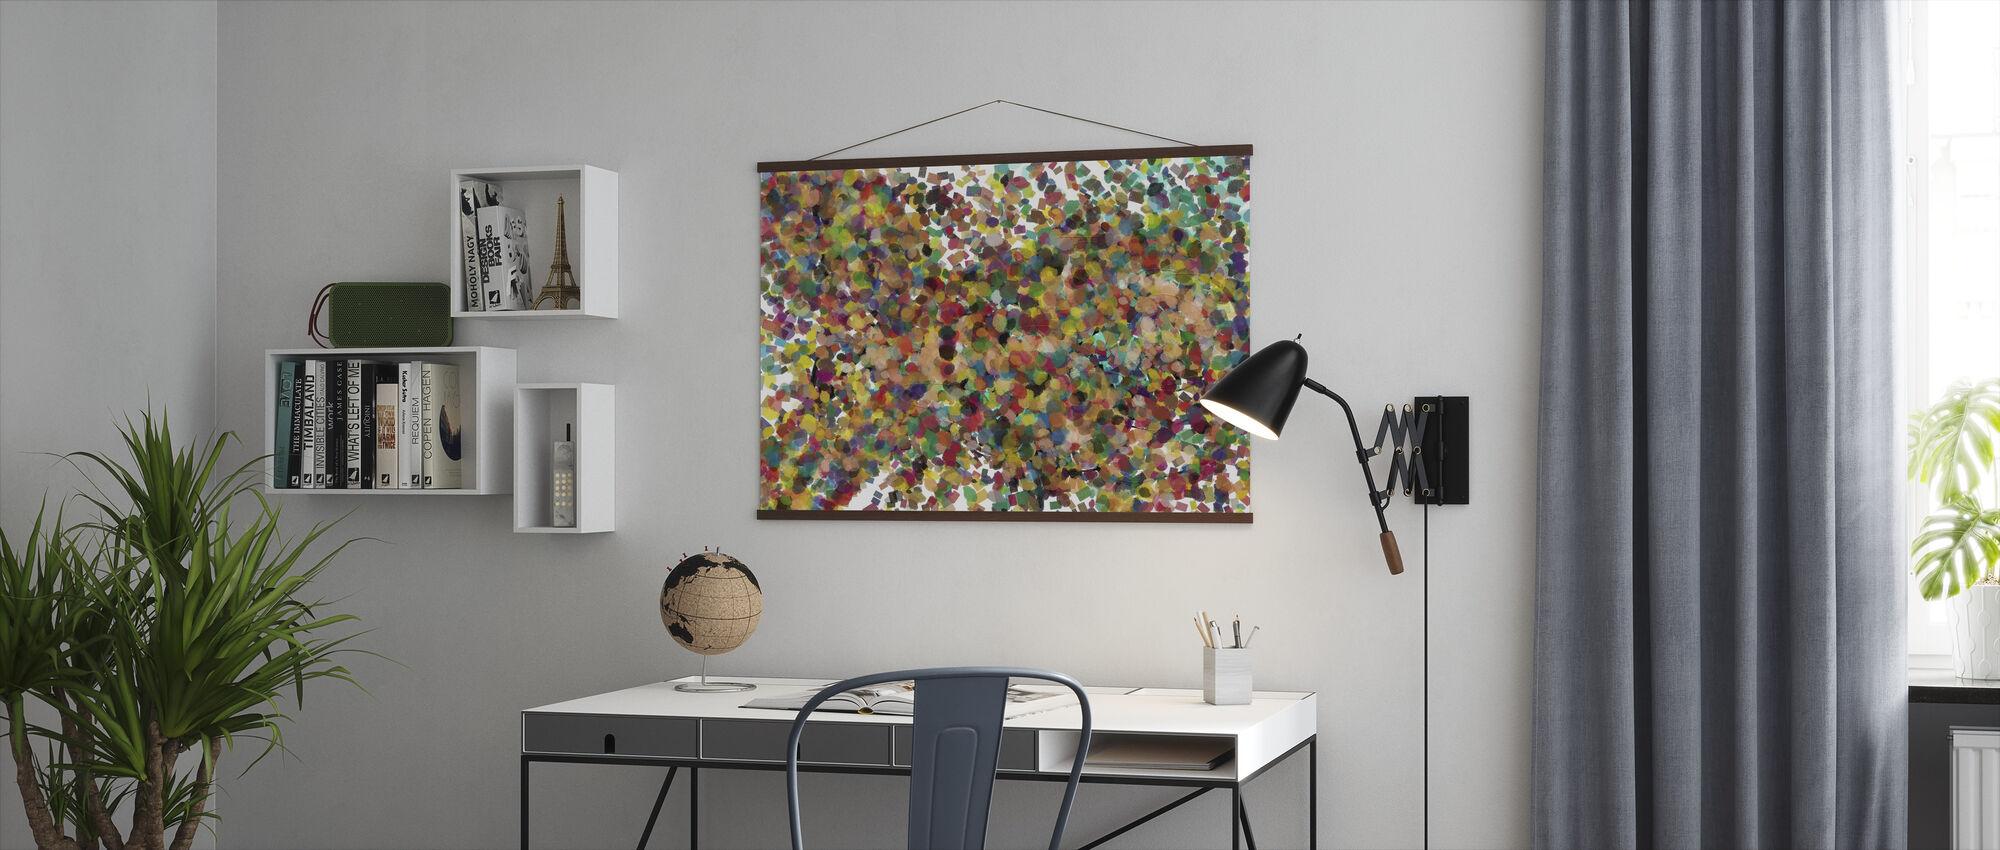 Pop Art Confetti - Juliste - Toimisto